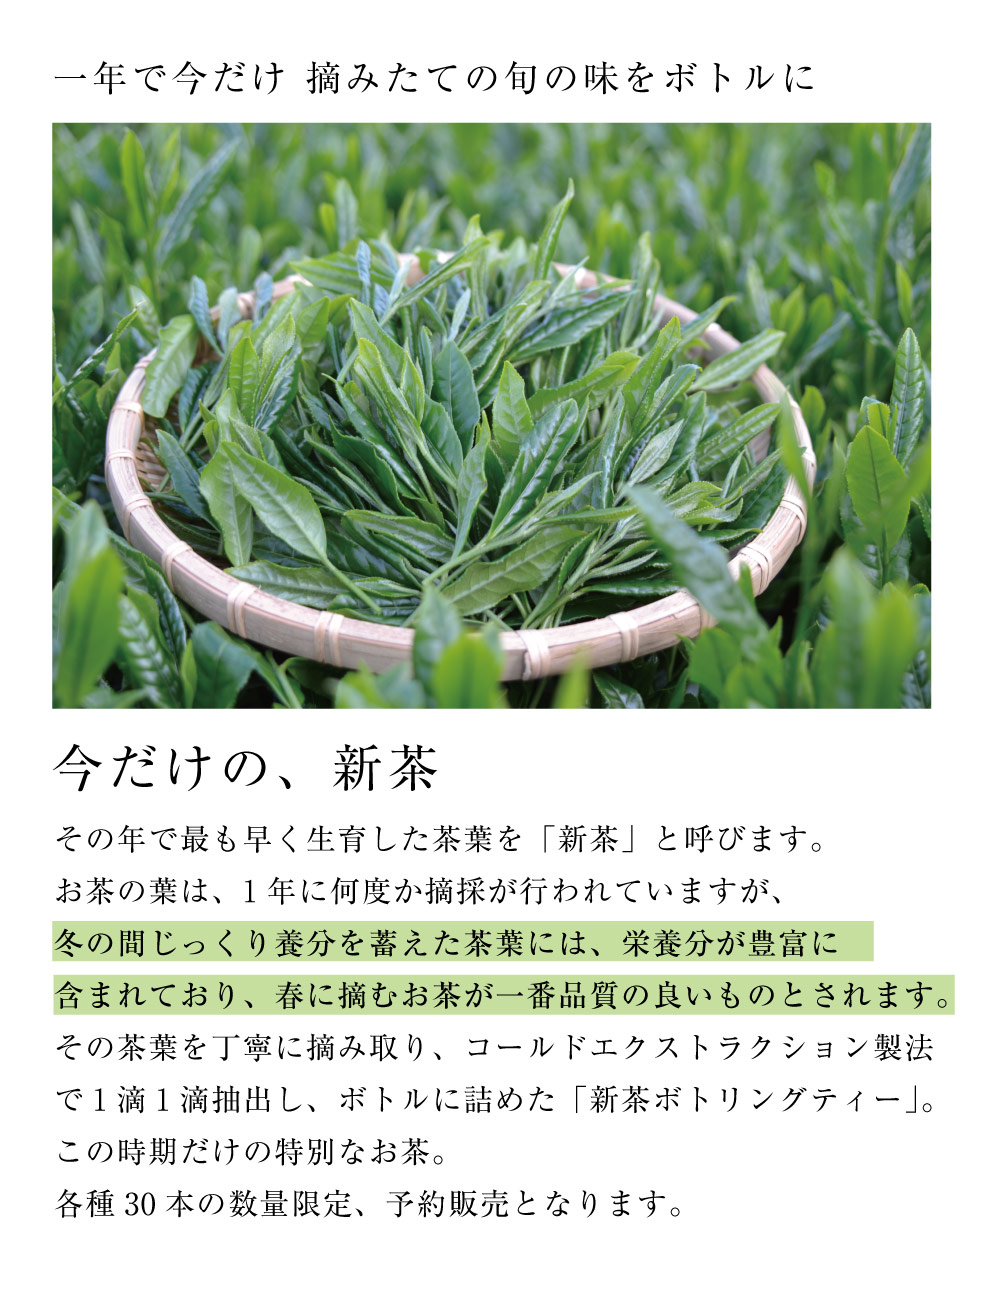 新茶とは 新茶ギフト 高級 お茶 日本茶 高級な贈り物